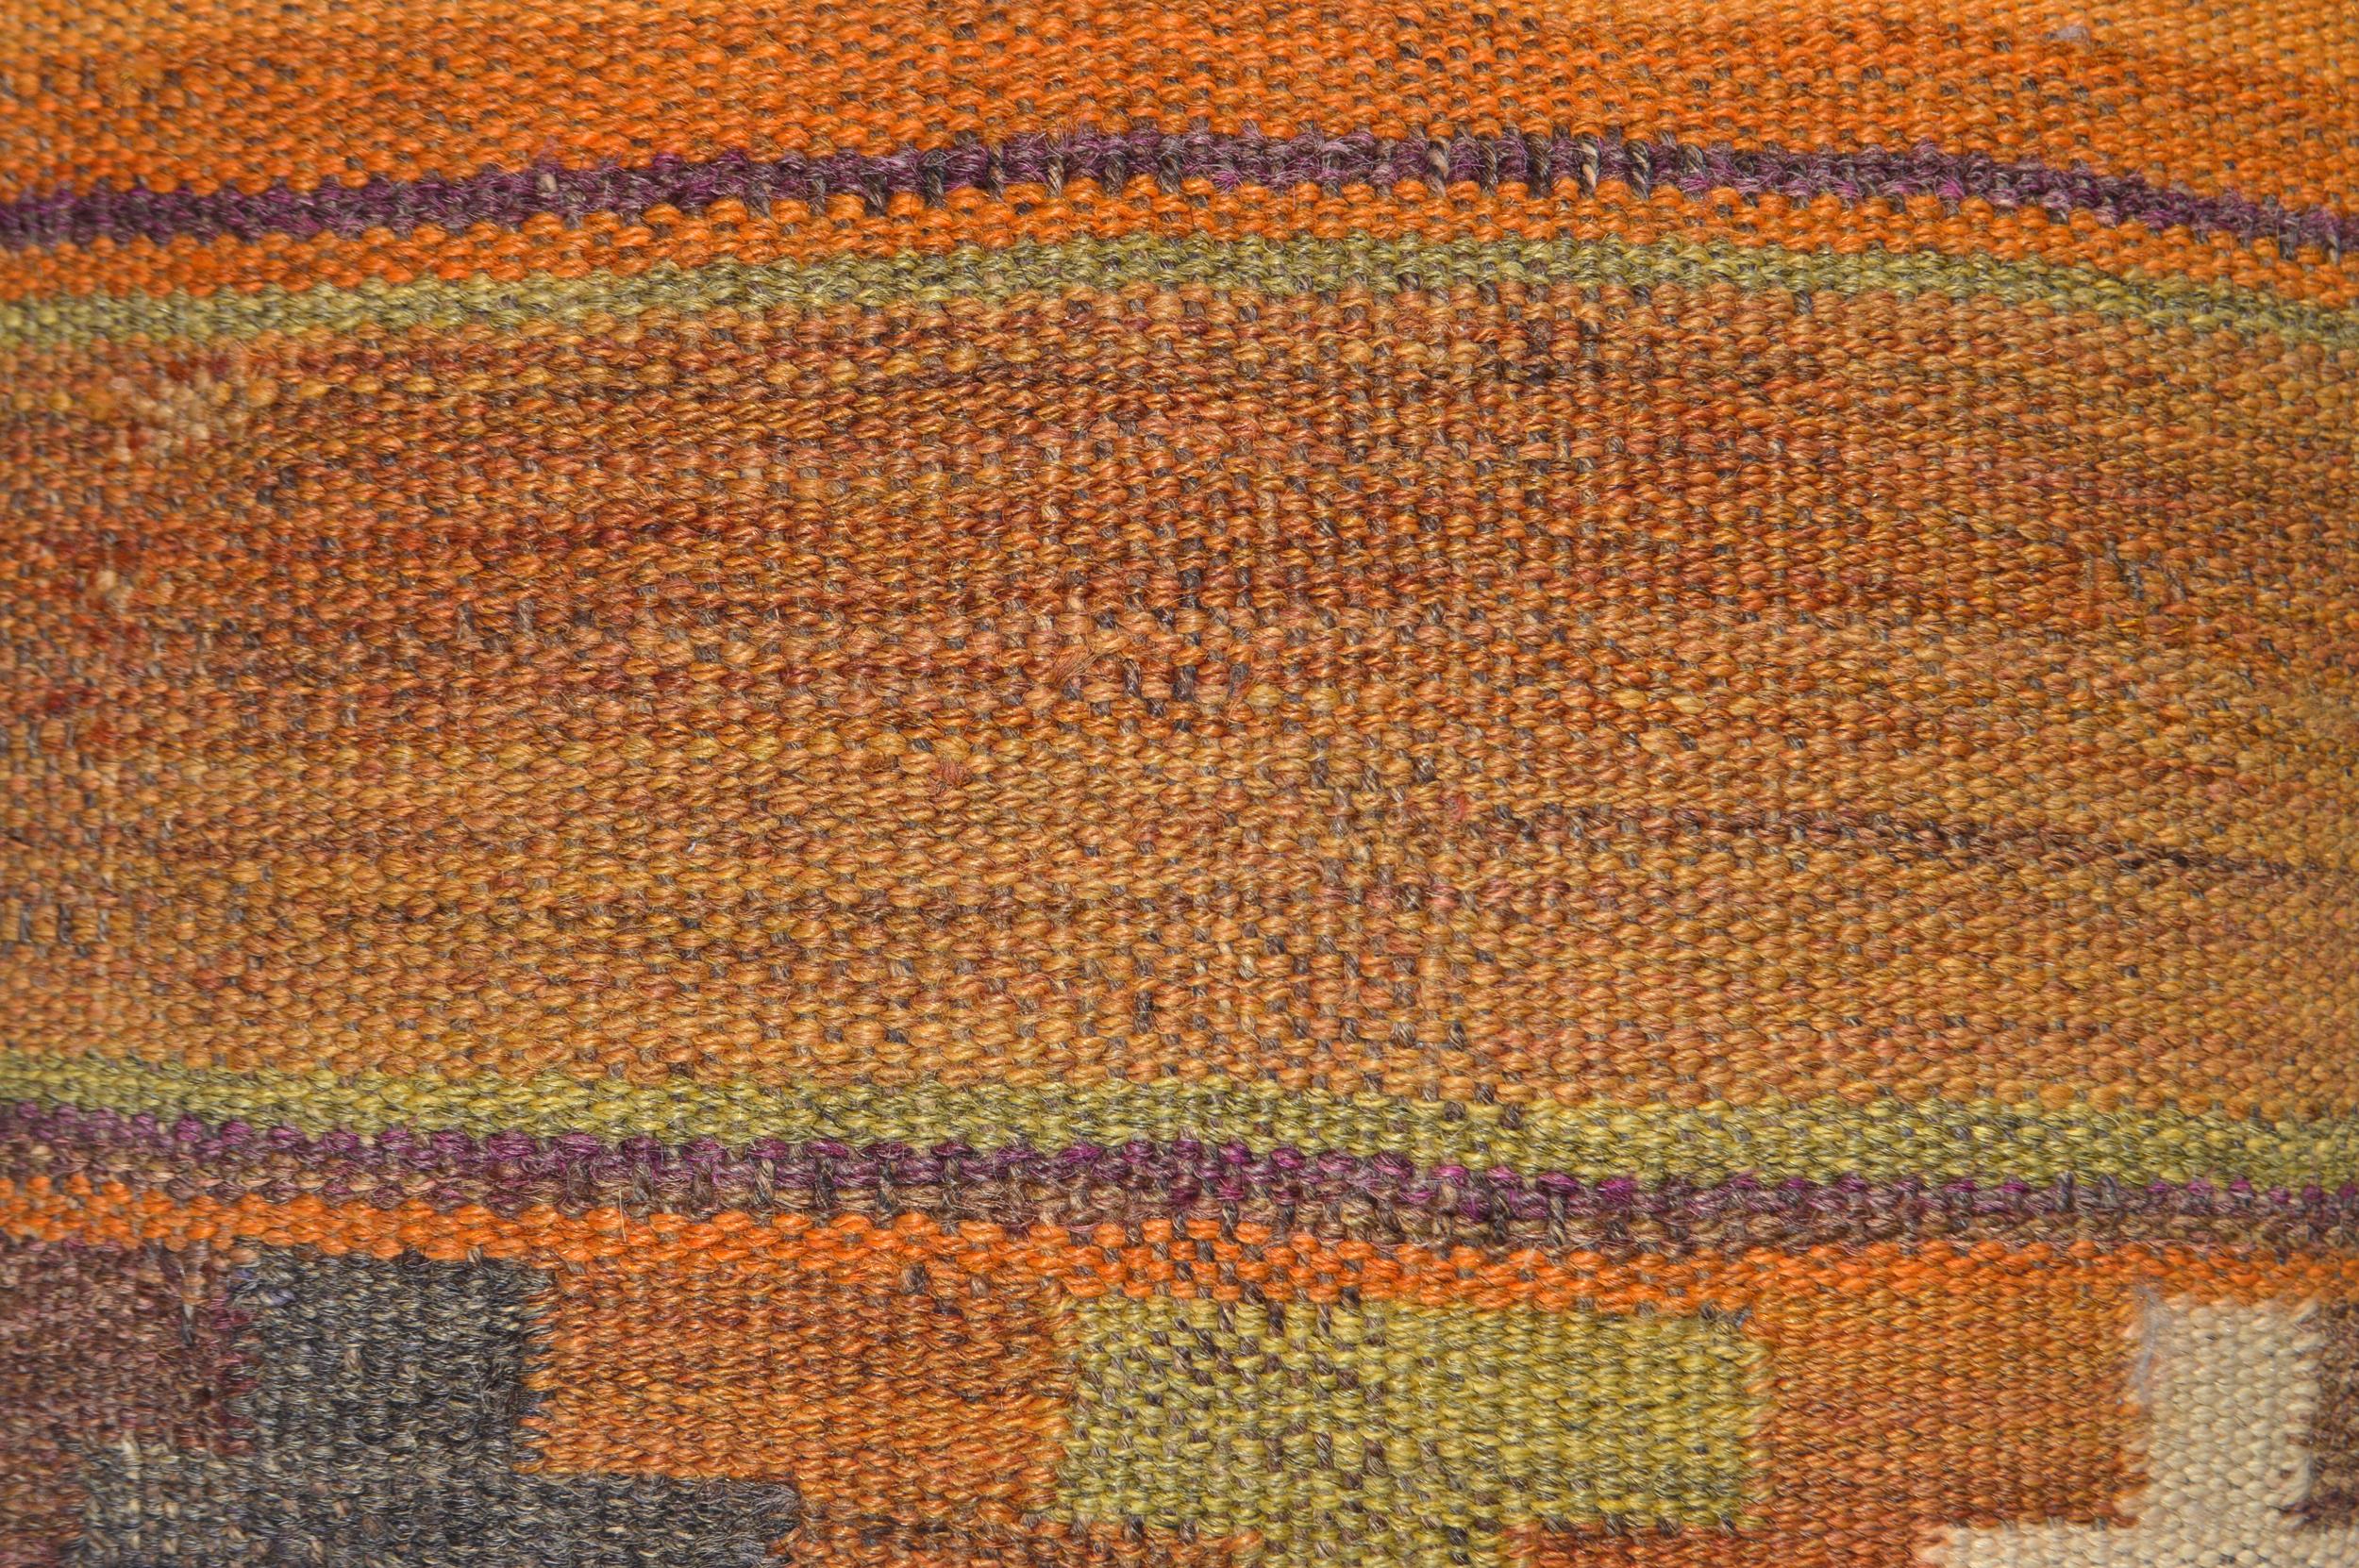 Orientalische Antik Kelim Kissen Unikat aus Wolle, handgewebte Dekokissen, Vintage AKS 021 Größe 43 x 43 cm